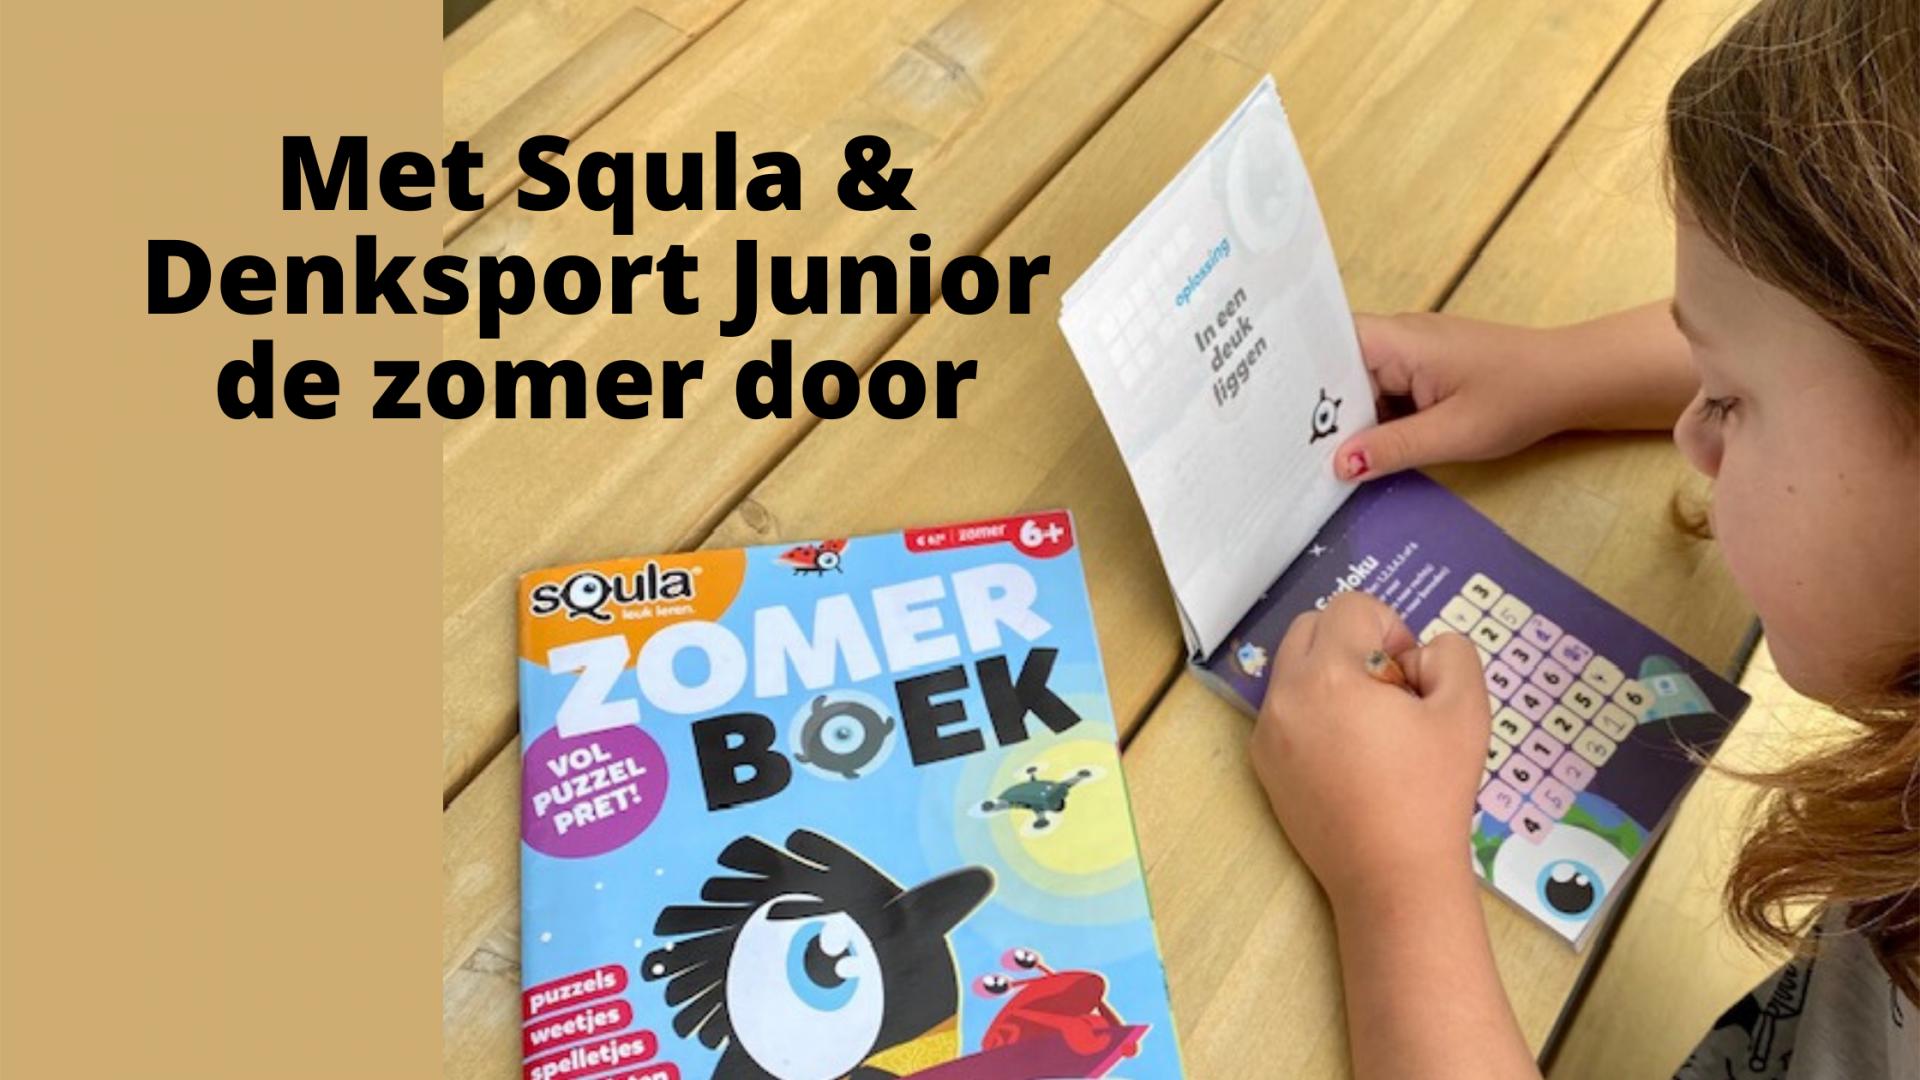 Met Squla & Denksport Junior de zomer door